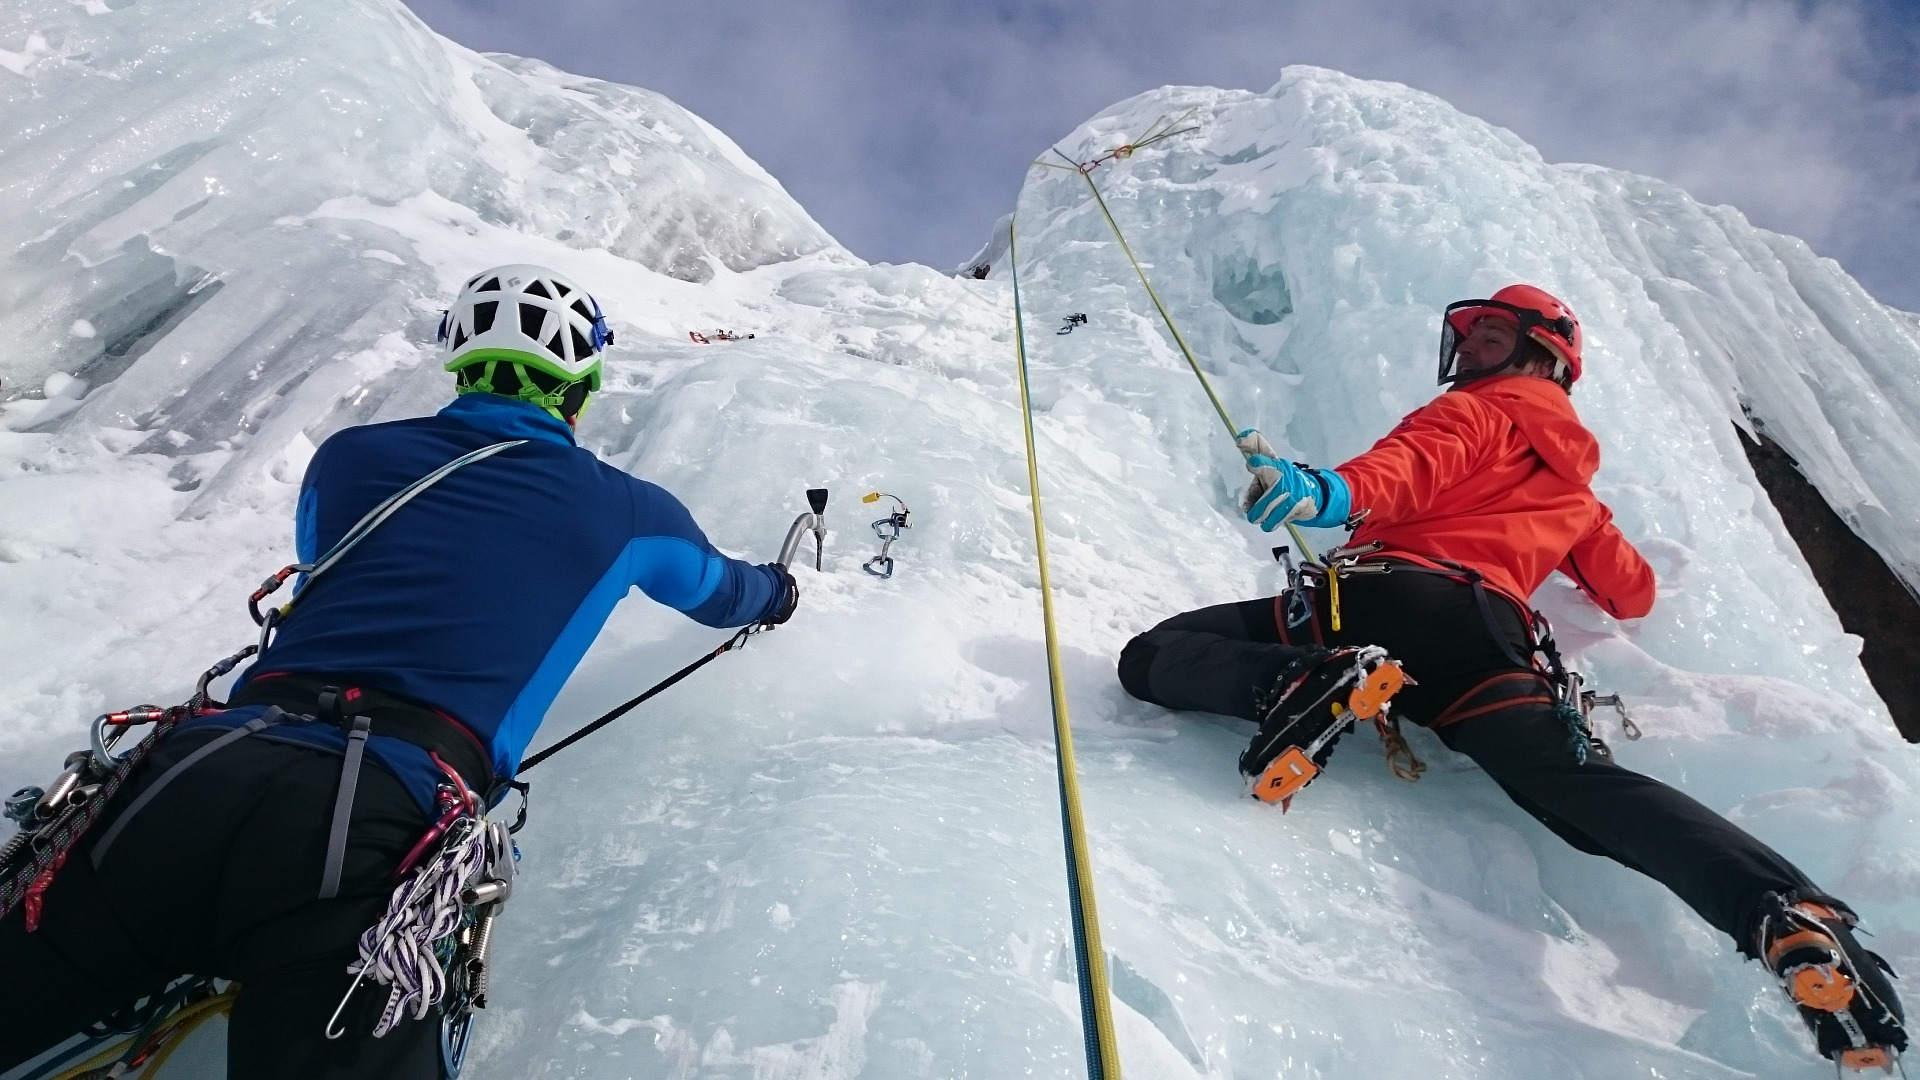 Eisklettern für Anfänger: Unfallrisiken erkennen und vorbeugen